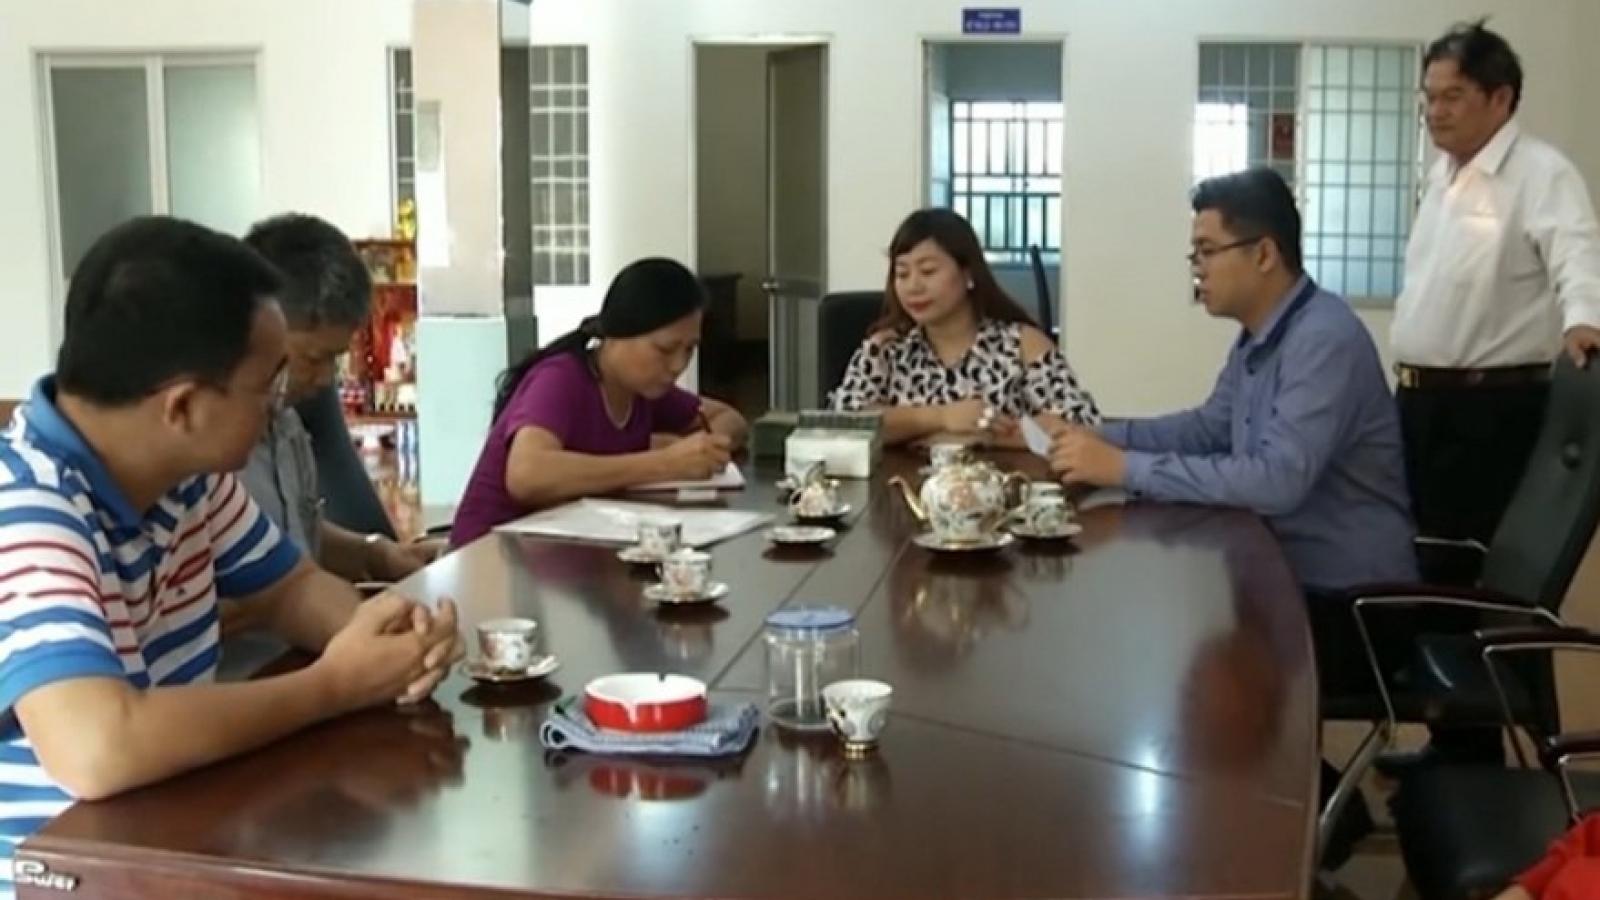 Truy nã nữ giám đốc công ty bất động sảnlừa đảo tại Bà Rịa - Vũng Tàu